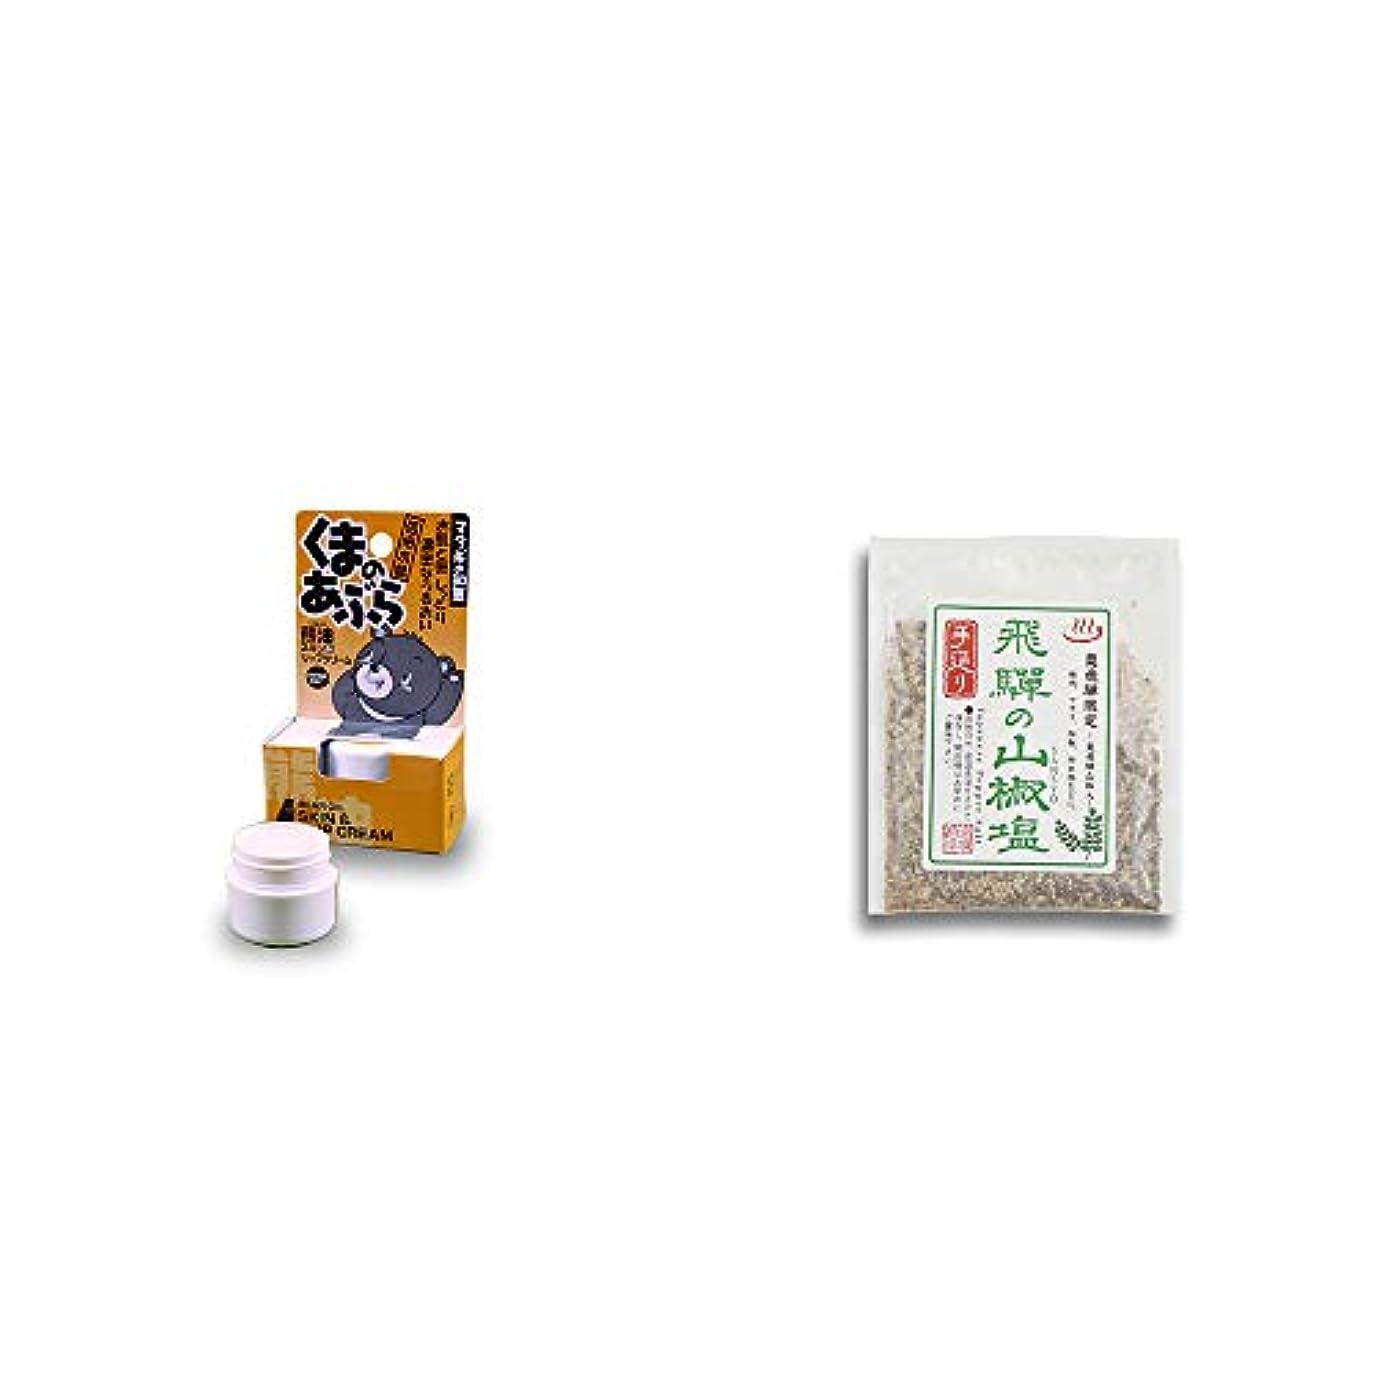 野な郵便物正確な[2点セット] 信州木曽 くまのあぶら 熊油スキン&リップクリーム(9g)?手造り 飛騨の山椒塩(40g)